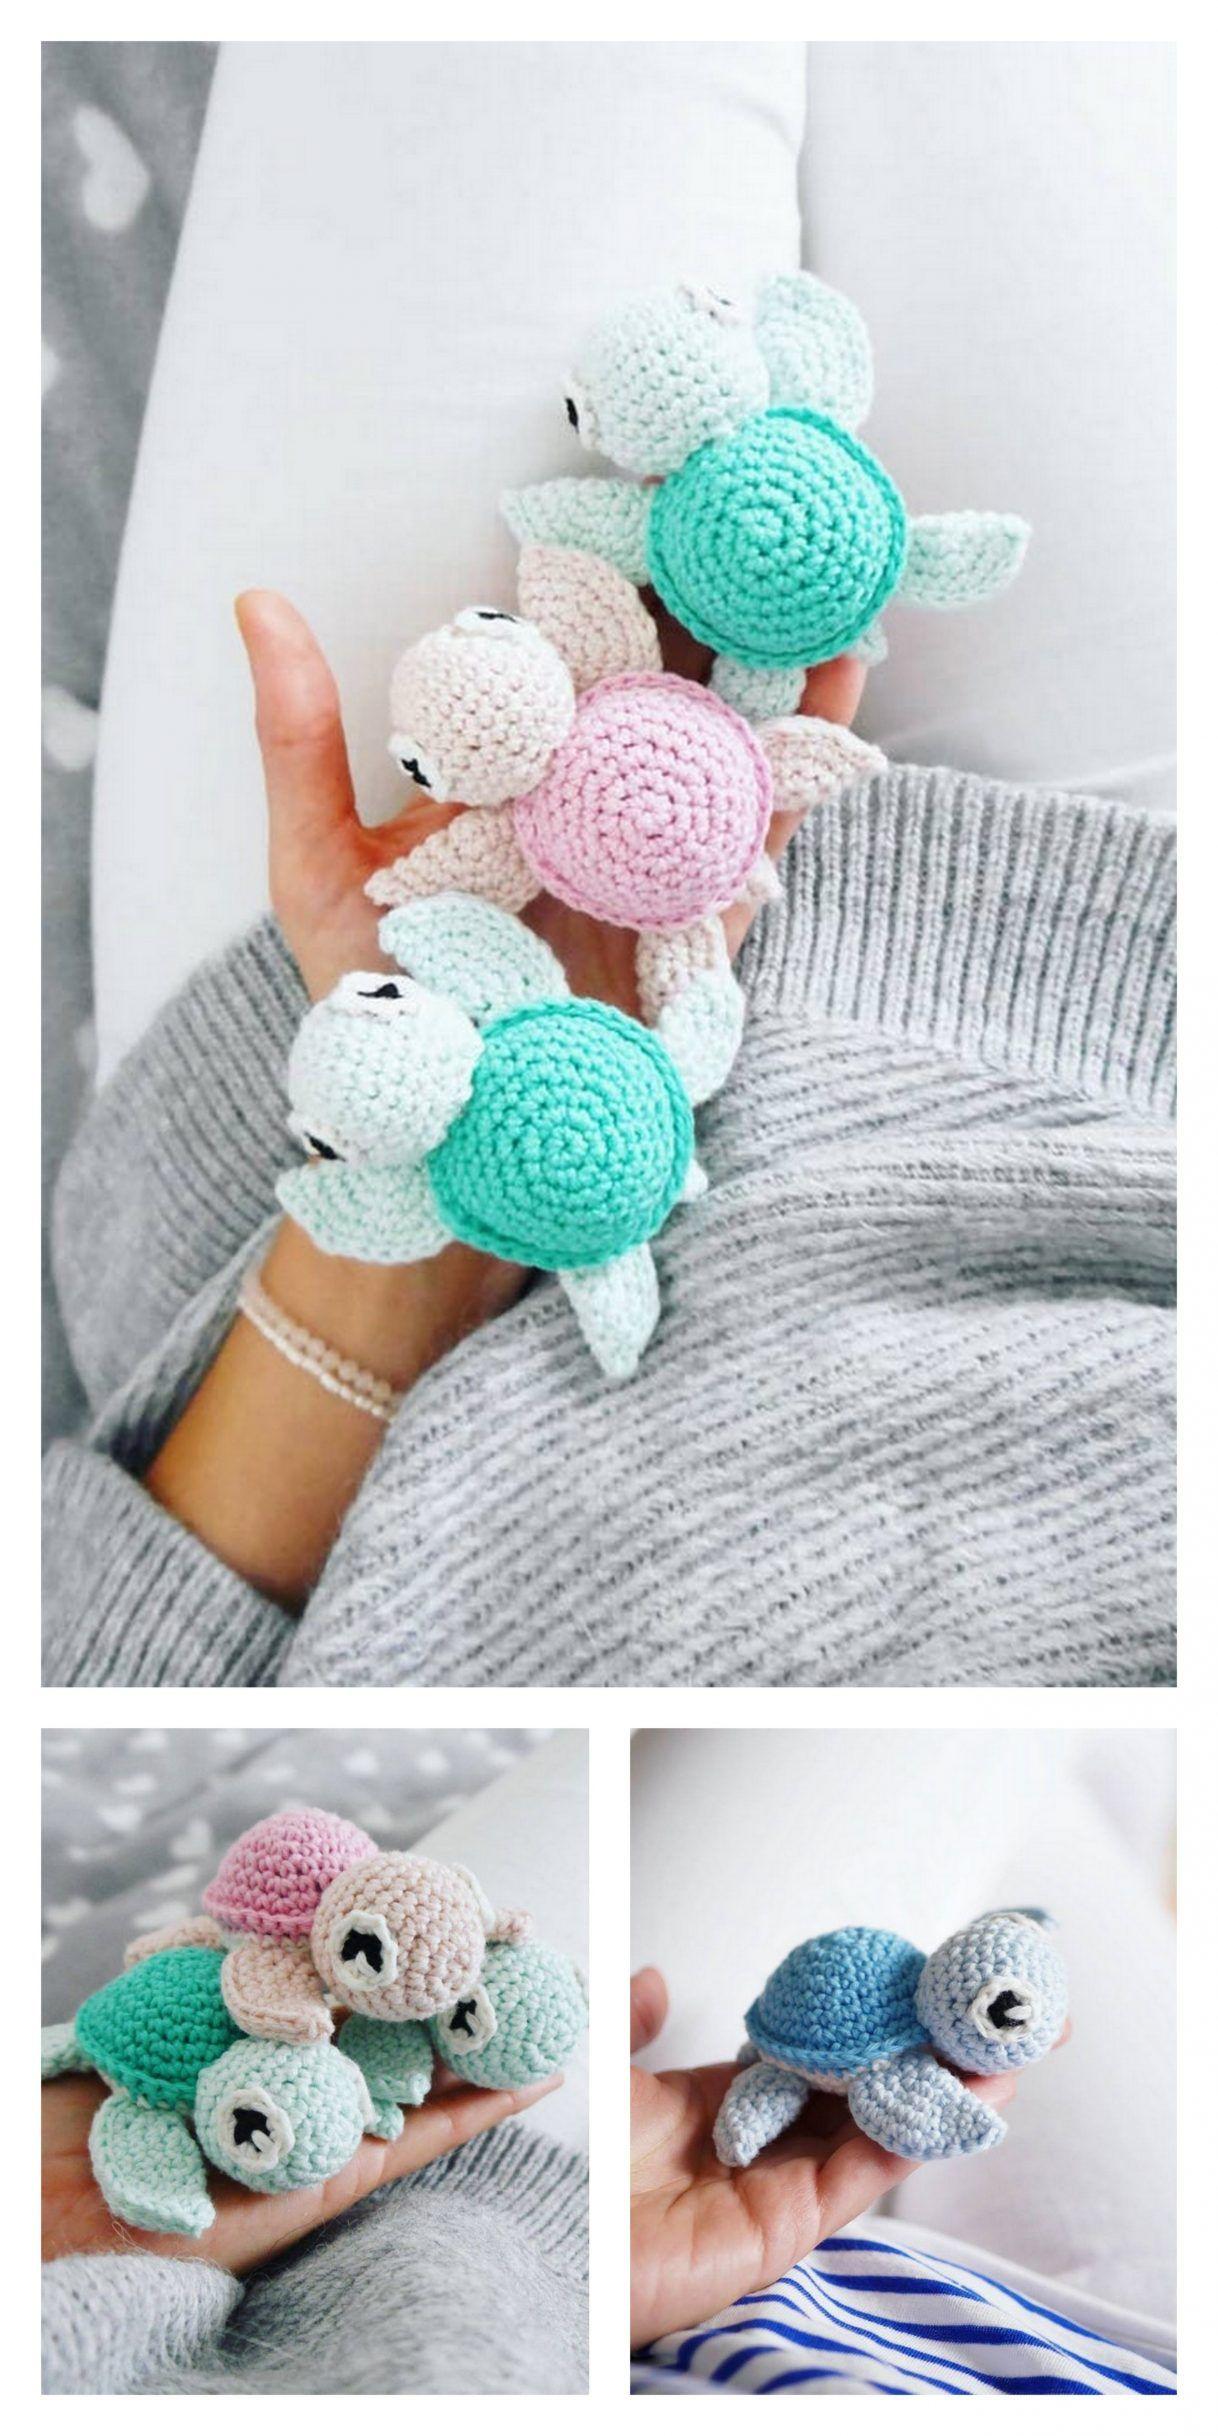 Dog Crochet Pattern Pinterest Top Pins Video Tutorial | Crochet ... | 2436x1218